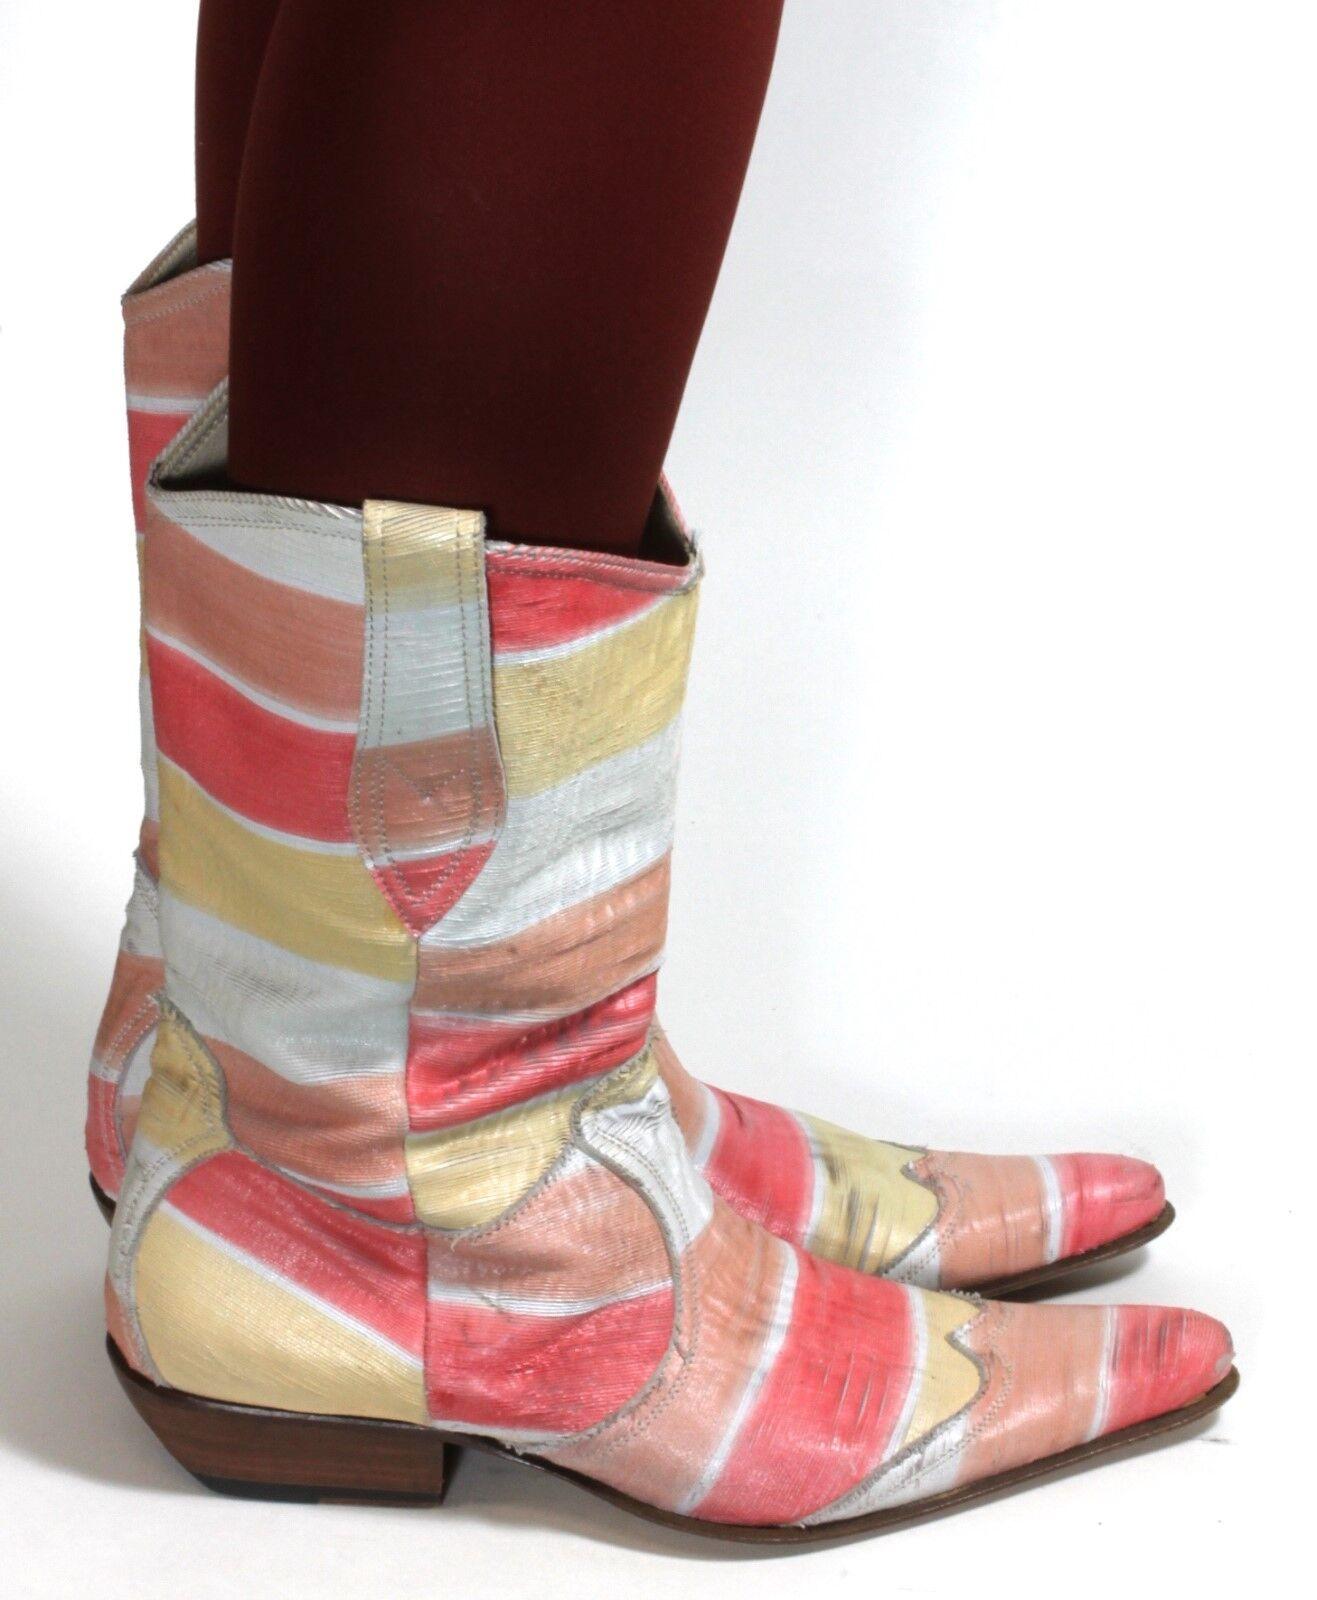 Damenstiefel Vintage Stiefeletten Stiefel Westernstiefel spazioDamens 39 Zipper 39 spazioDamens 6f8879